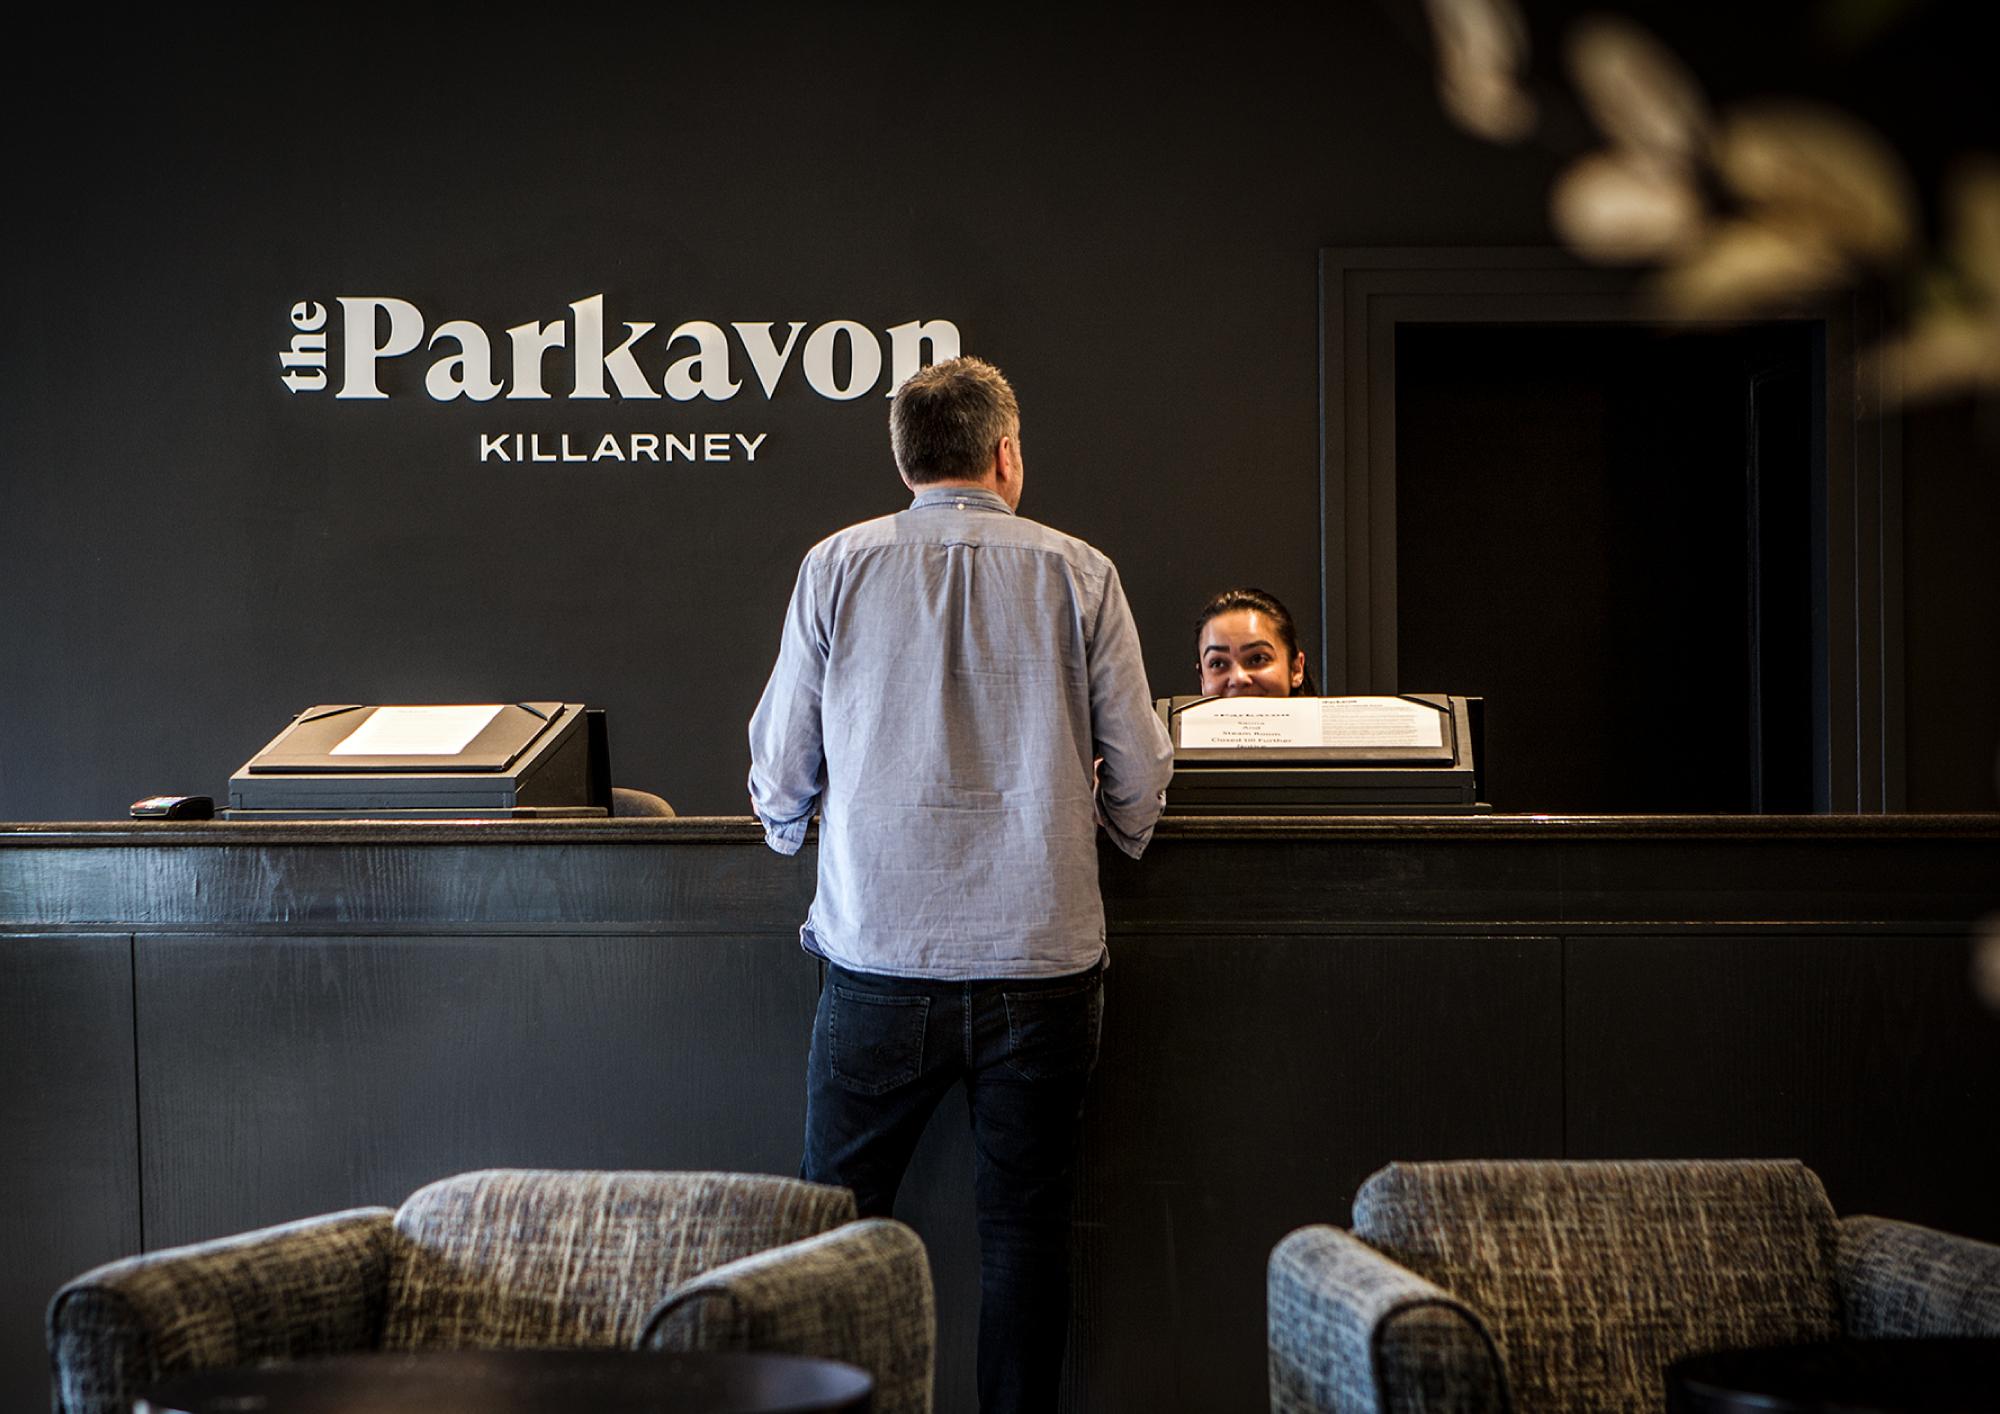 Cover image: The Parkavon